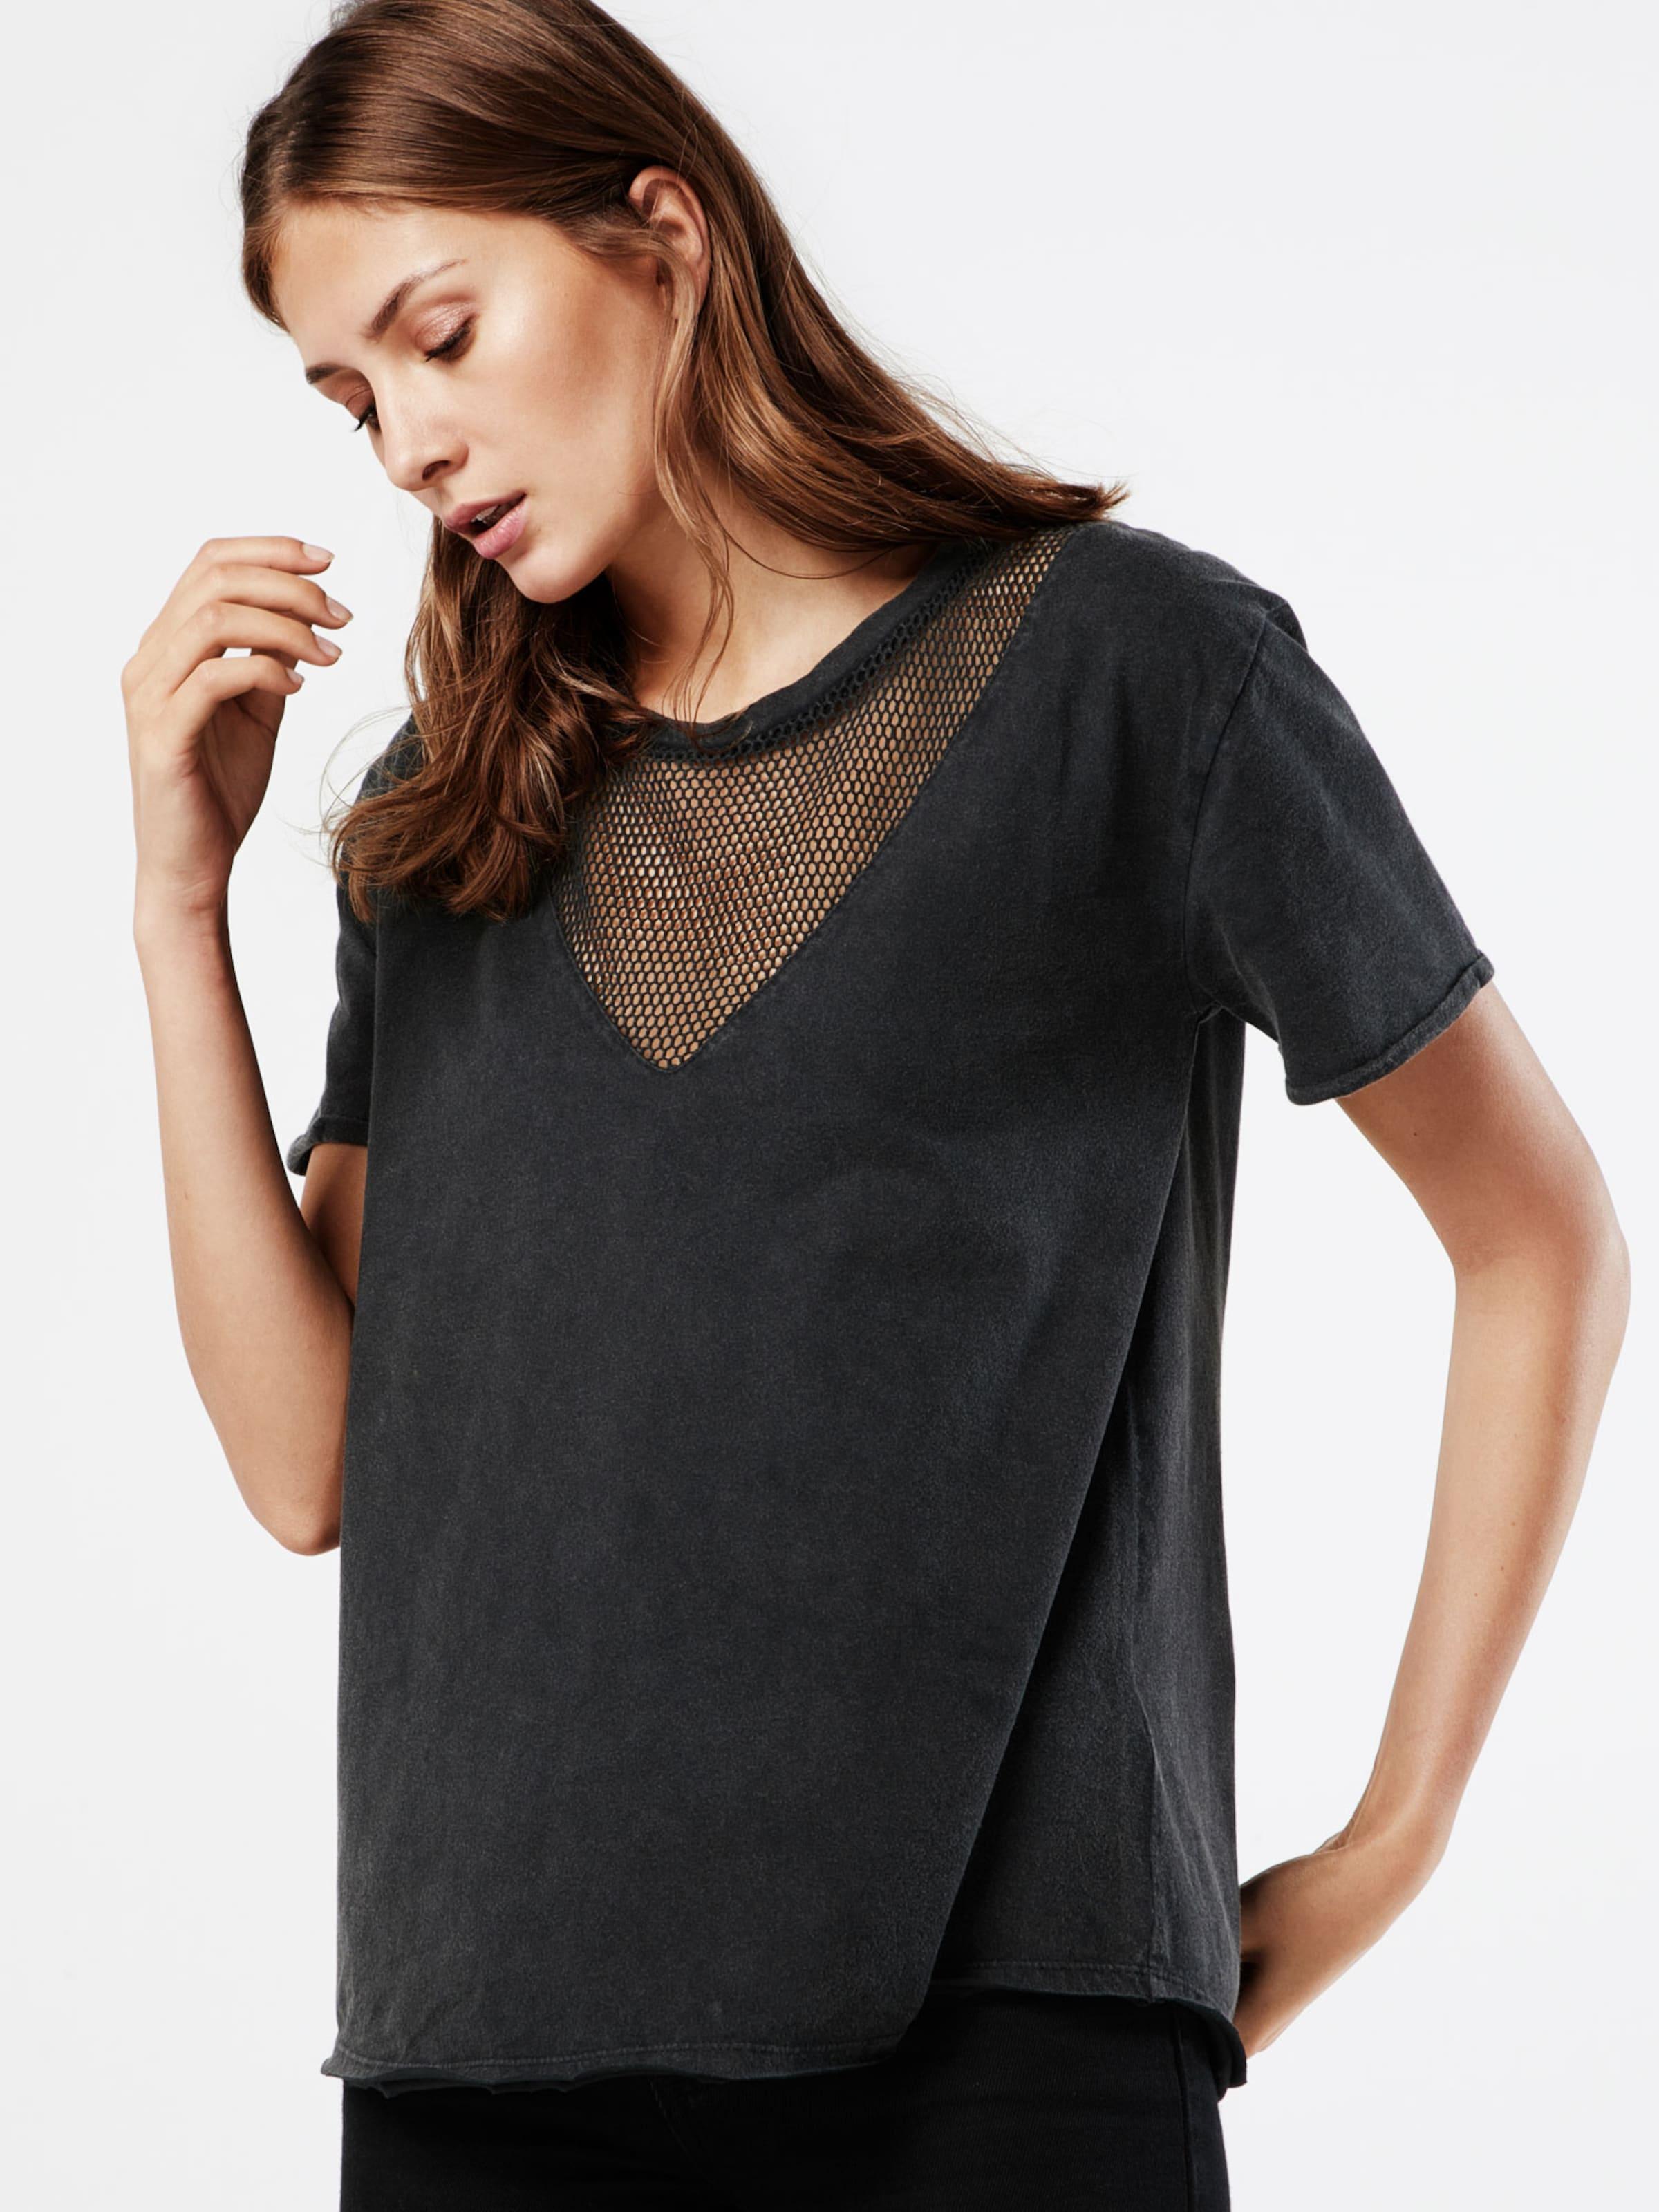 Rabatt Perfekt Steckdose Neu Review T-Shirt 'MESH INSERT' Neueste Online-Verkauf Billig Perfekt D6LwECGKU